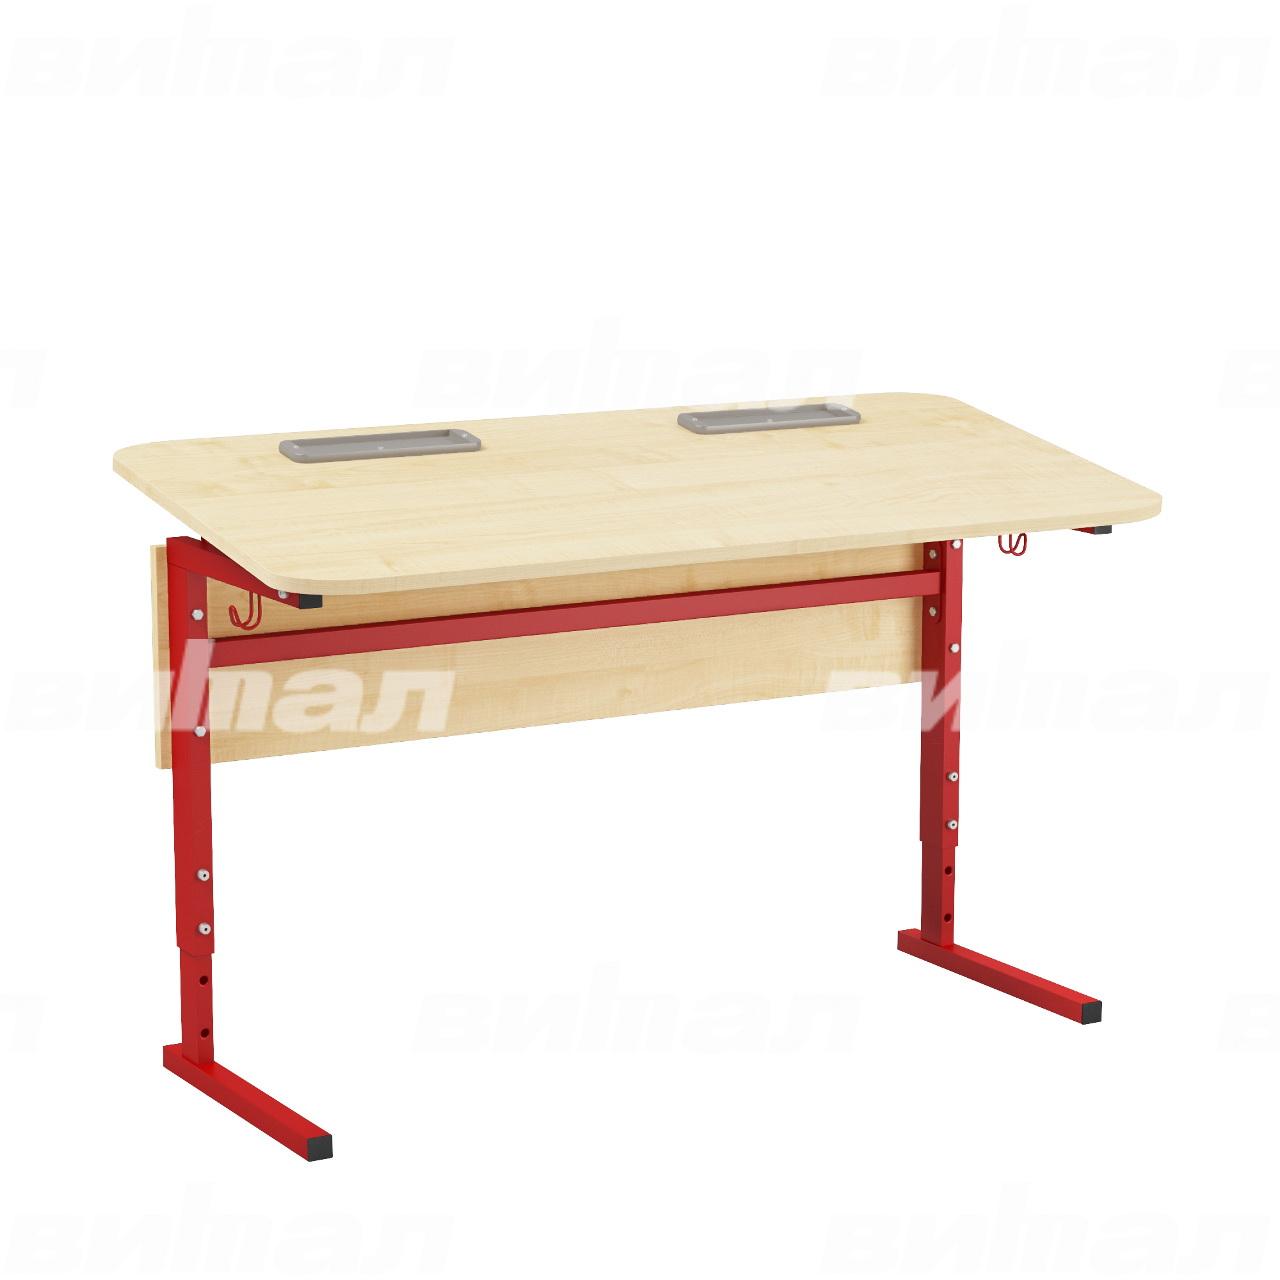 Стол 2-местный регулир. высота и наклон столешницы 0-10° (гр 2-4, 3-5 или 4-6) красный Клен 2-4 Меламин прямоугольная